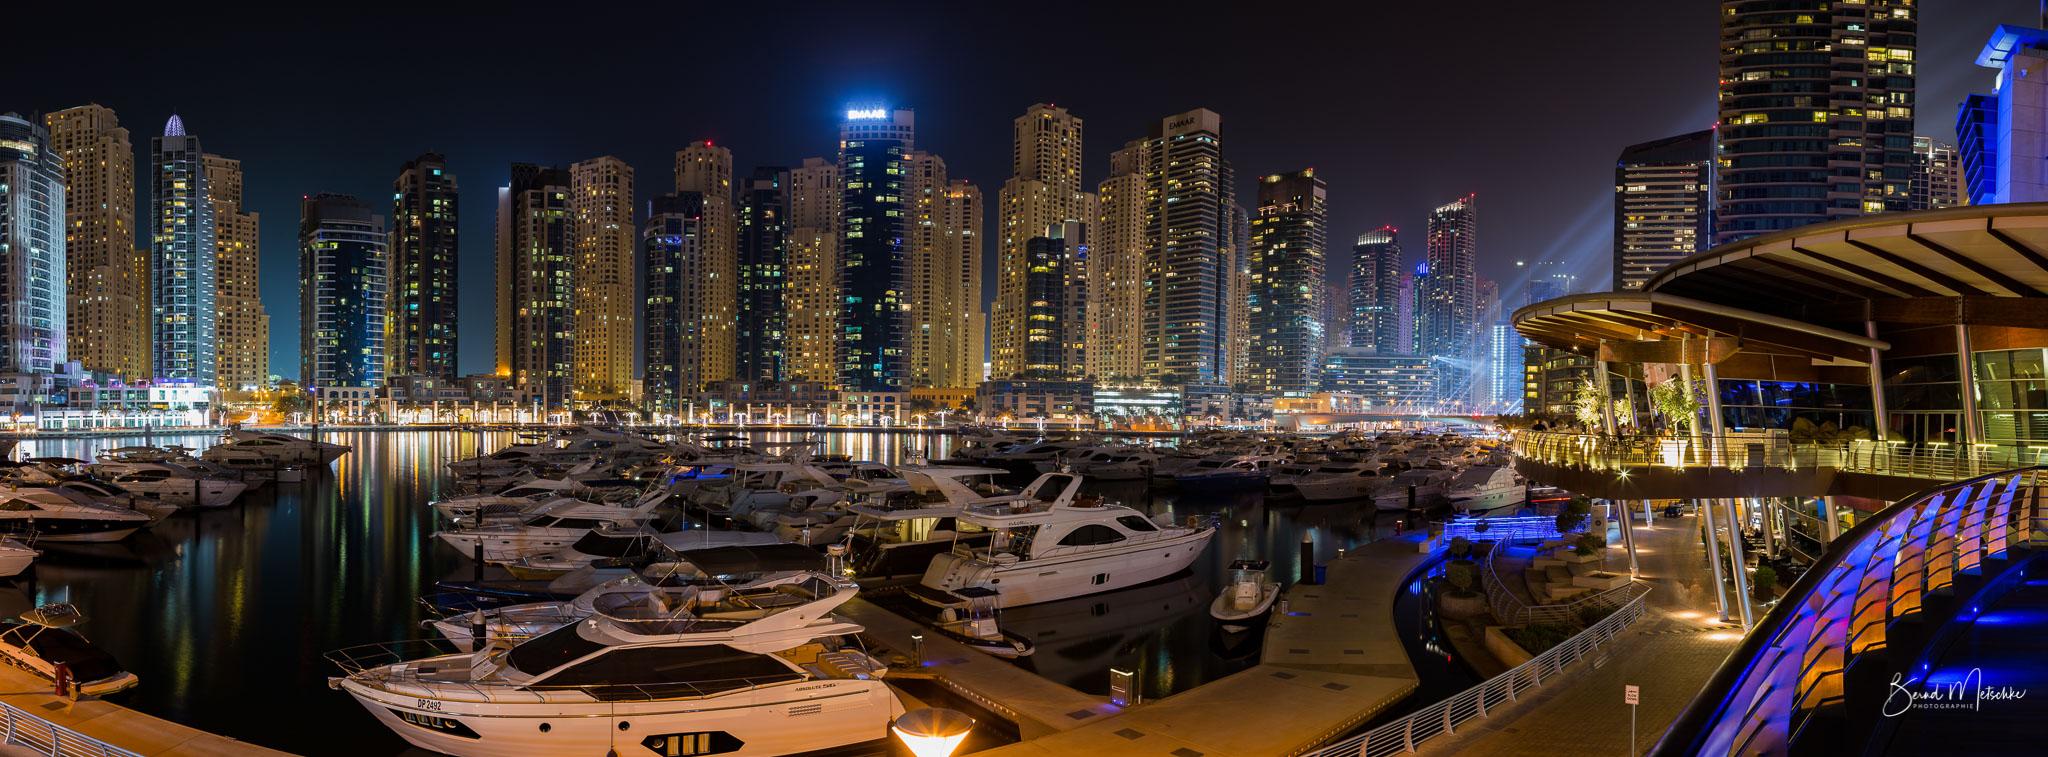 Dubai Marina Yachthafen